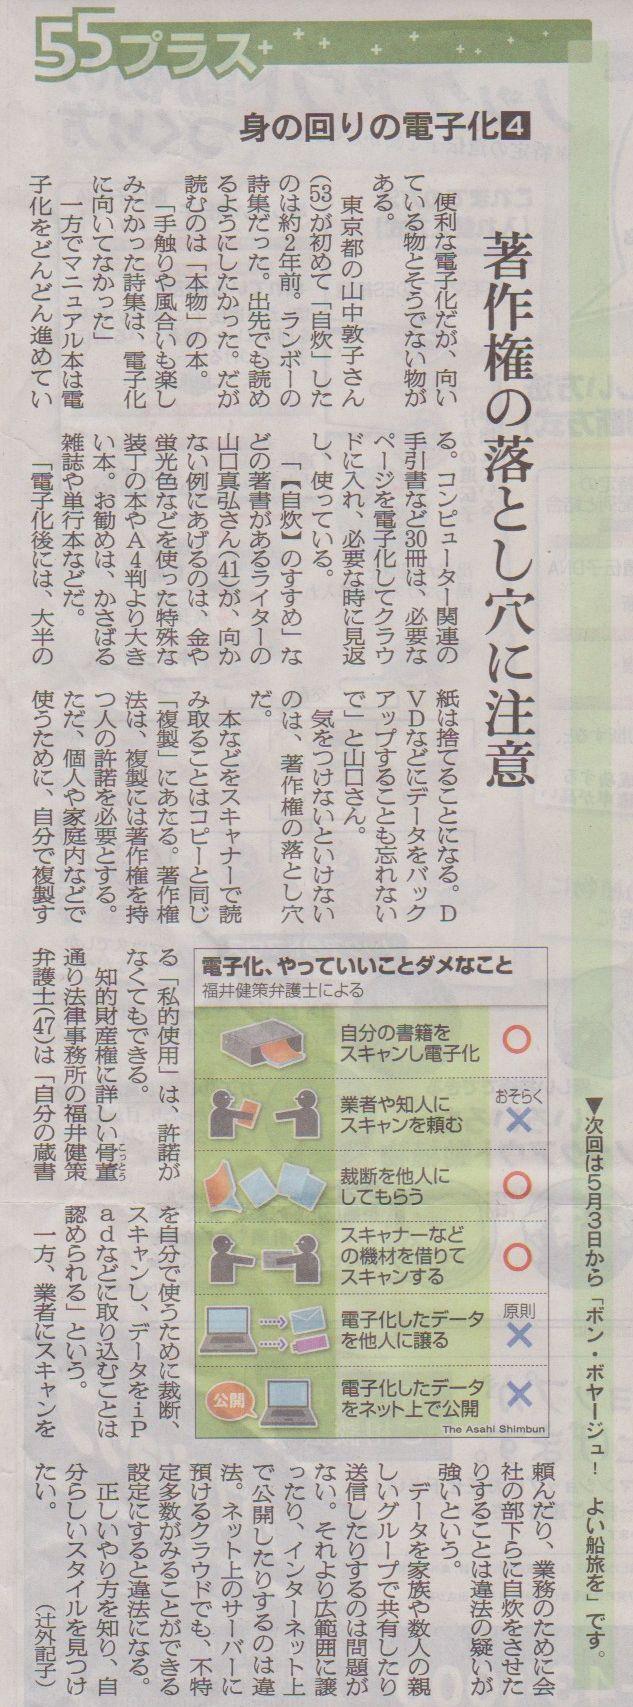 4月30日 電気カミソリ購入  2回目_d0249595_12241919.jpg